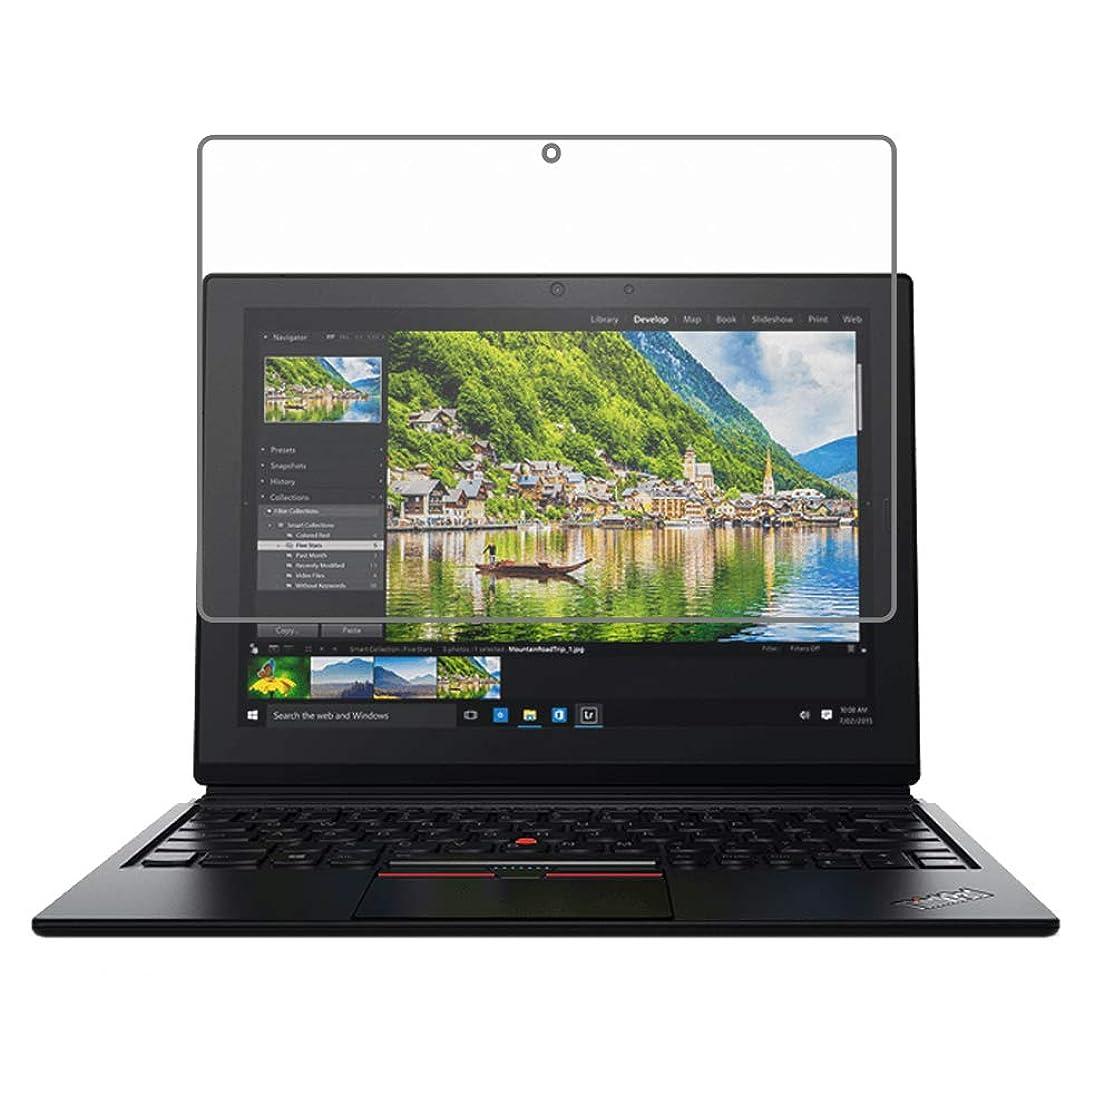 エスカレートカップ高める【NANO 保護フィルム 2枚セット】Lenovo ThinkPad 10 2015年型 10.1 タブレット 専用 ナノコーティング フィルム 約0.15mm 衝撃吸収 液晶保護フィルム 高光沢 キズ修復 貼りやすい